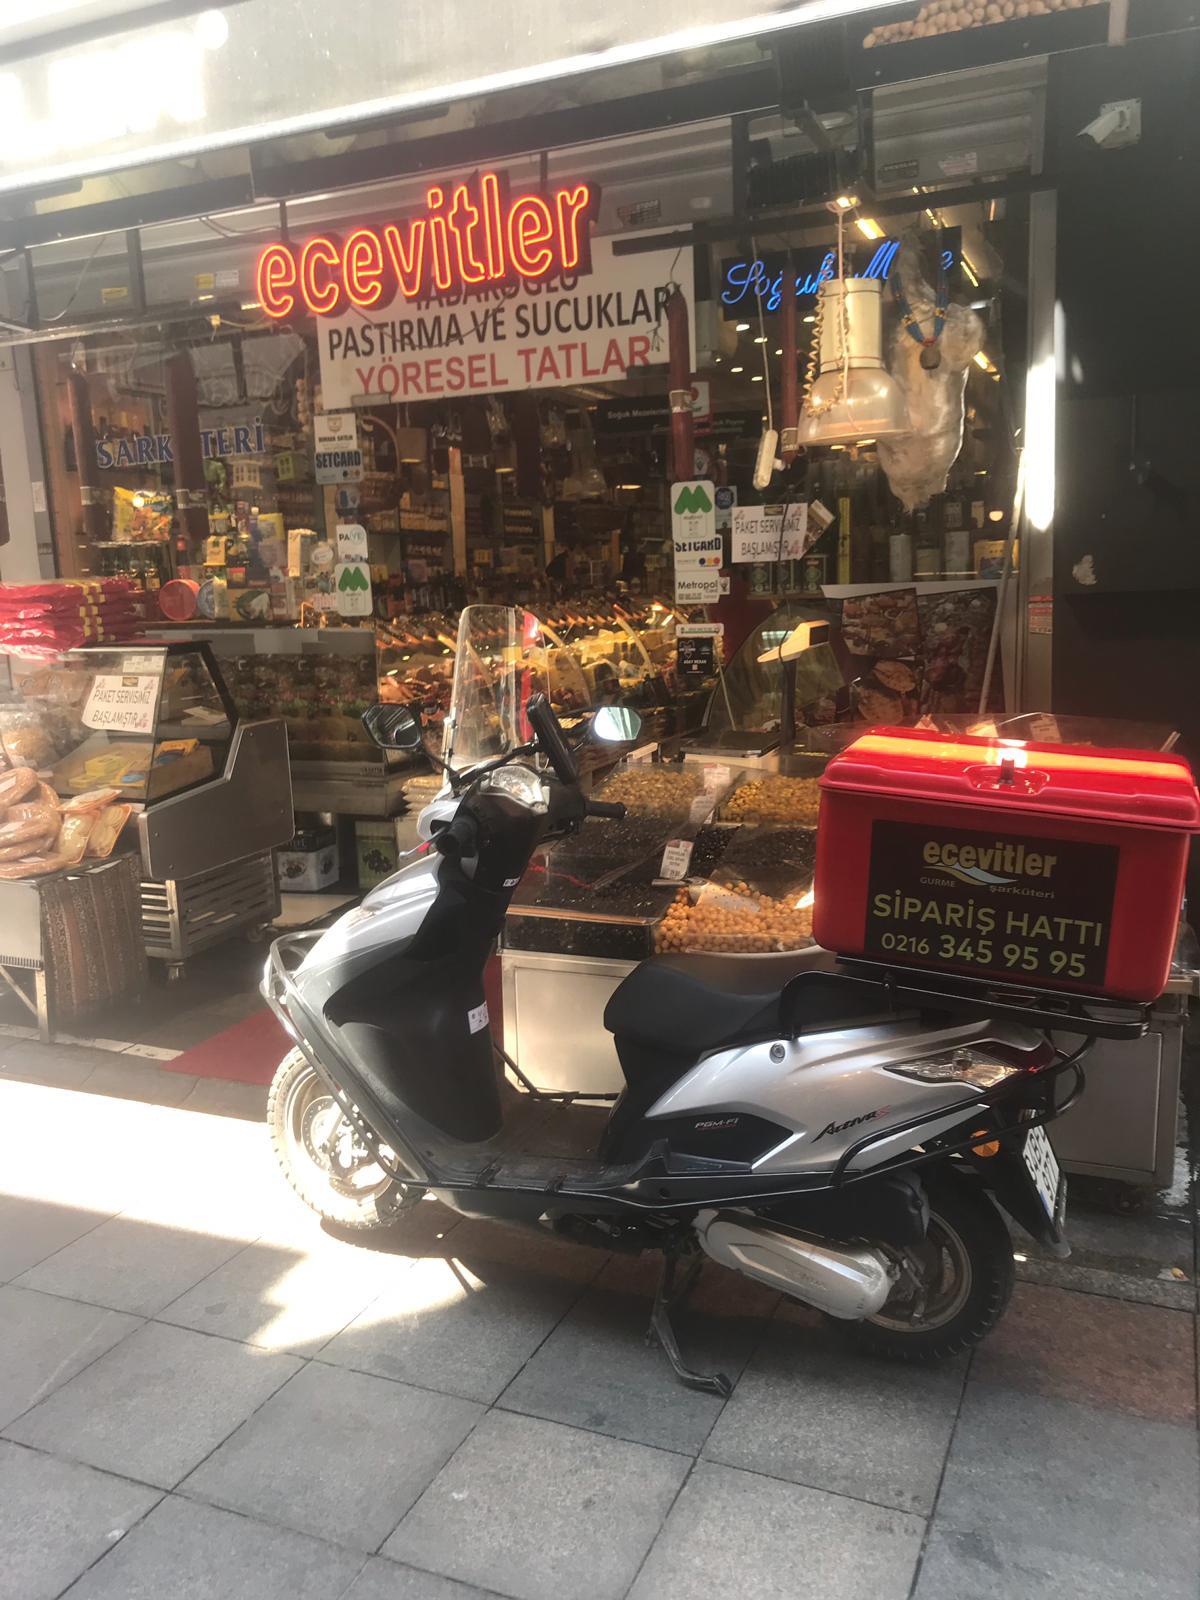 Tarihi Çarşı Esnaflarından,  Ecevitler Gurme Şarküteri'den motosikletle evlere servis